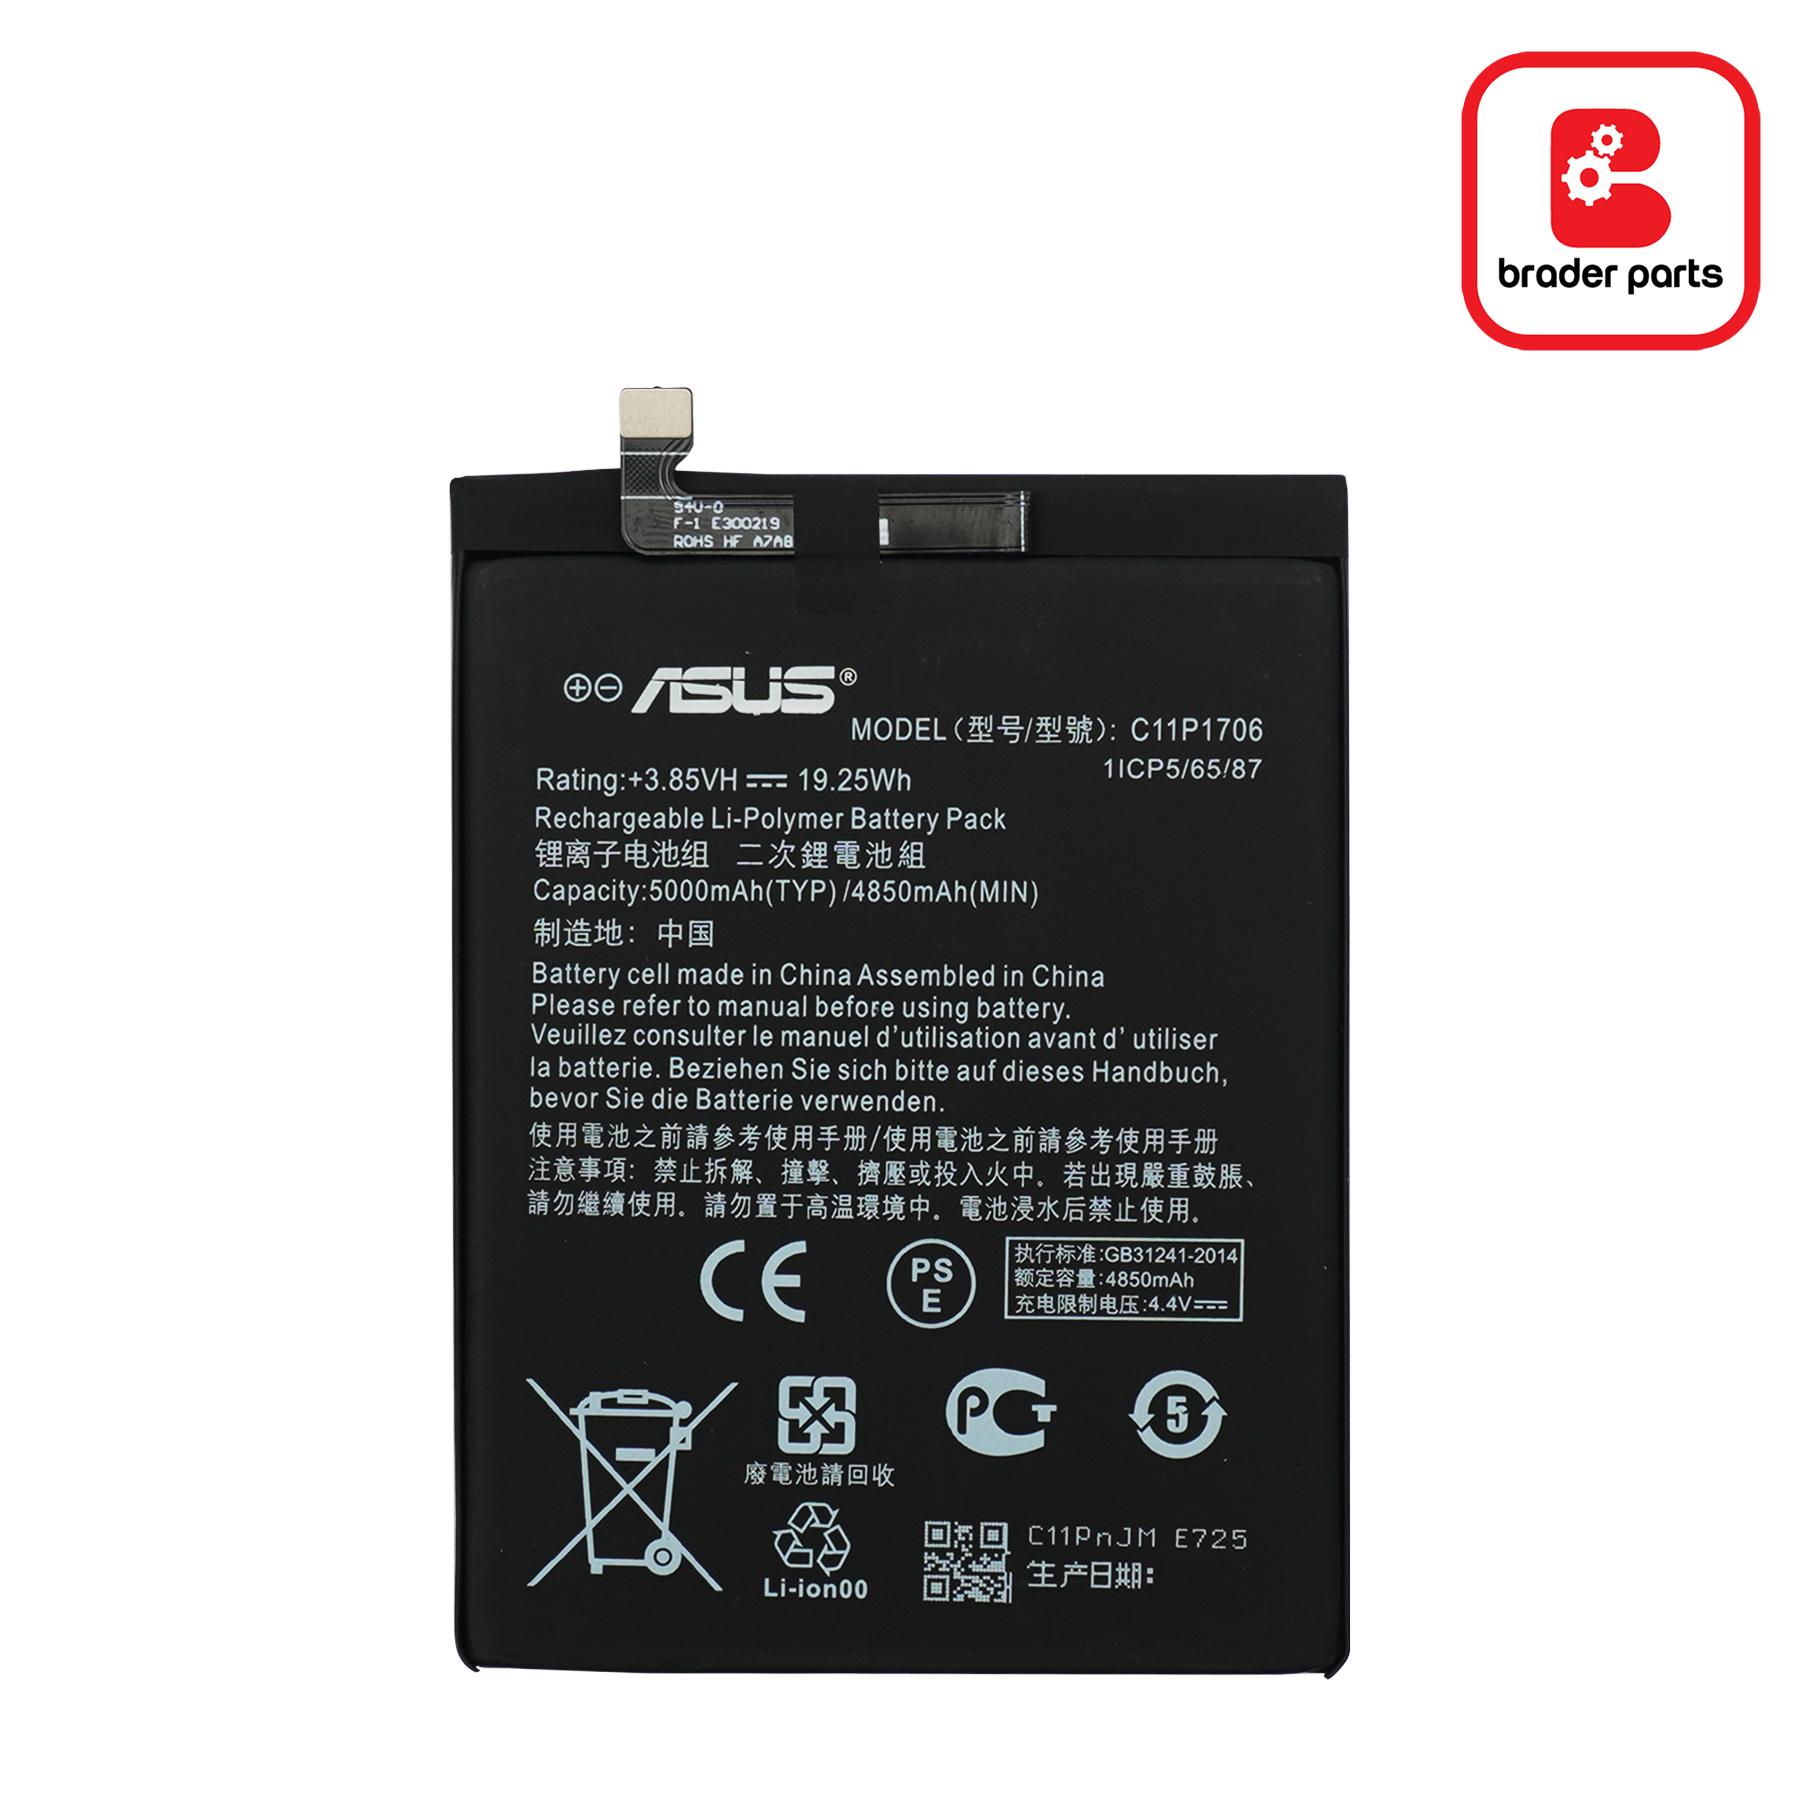 Baterai Asus Zenfone Max Pro M1 / Pro M2